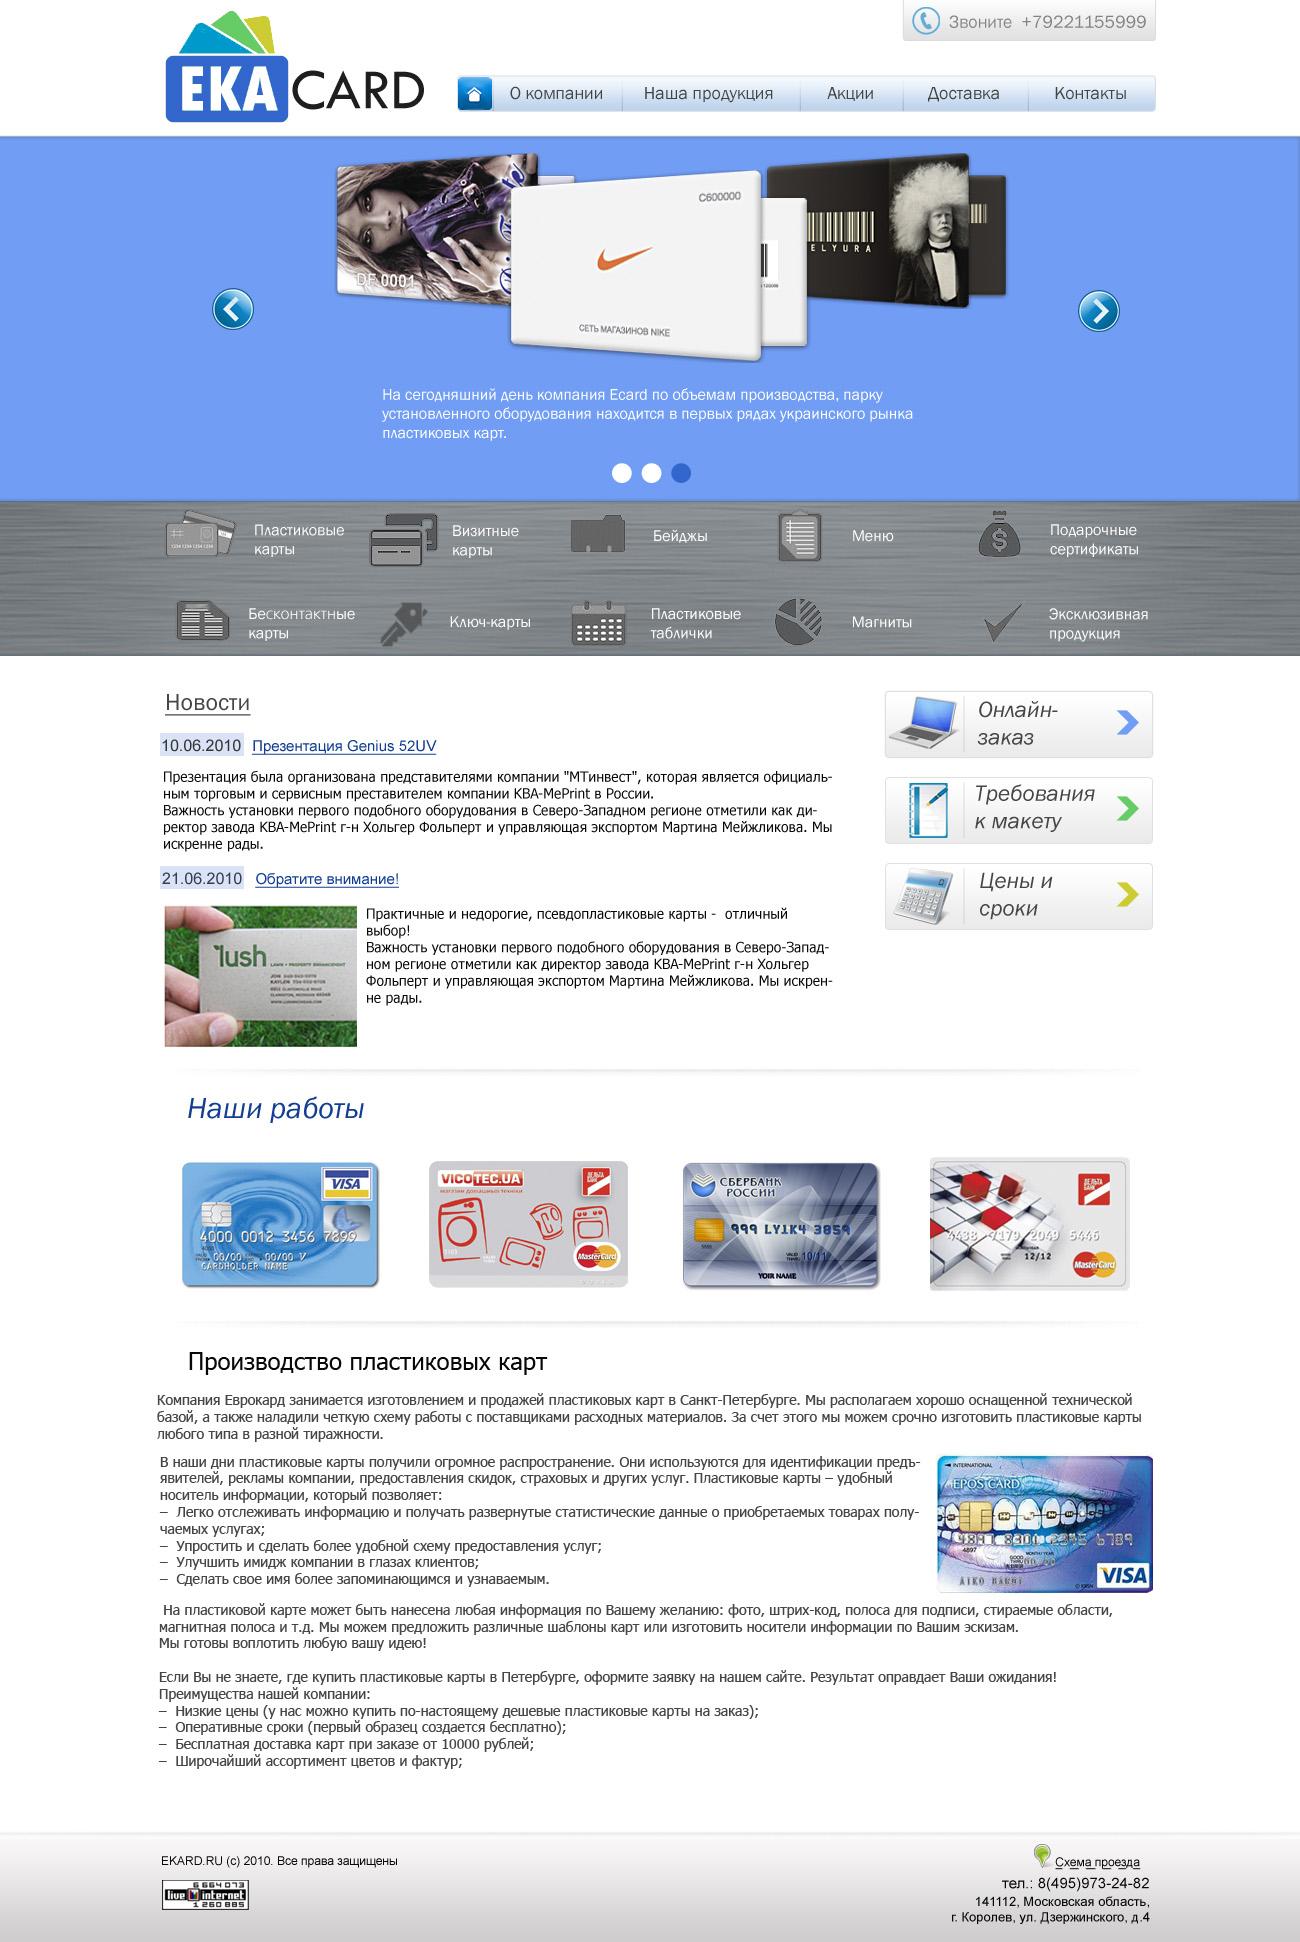 дизайн сайта пластиковых карт